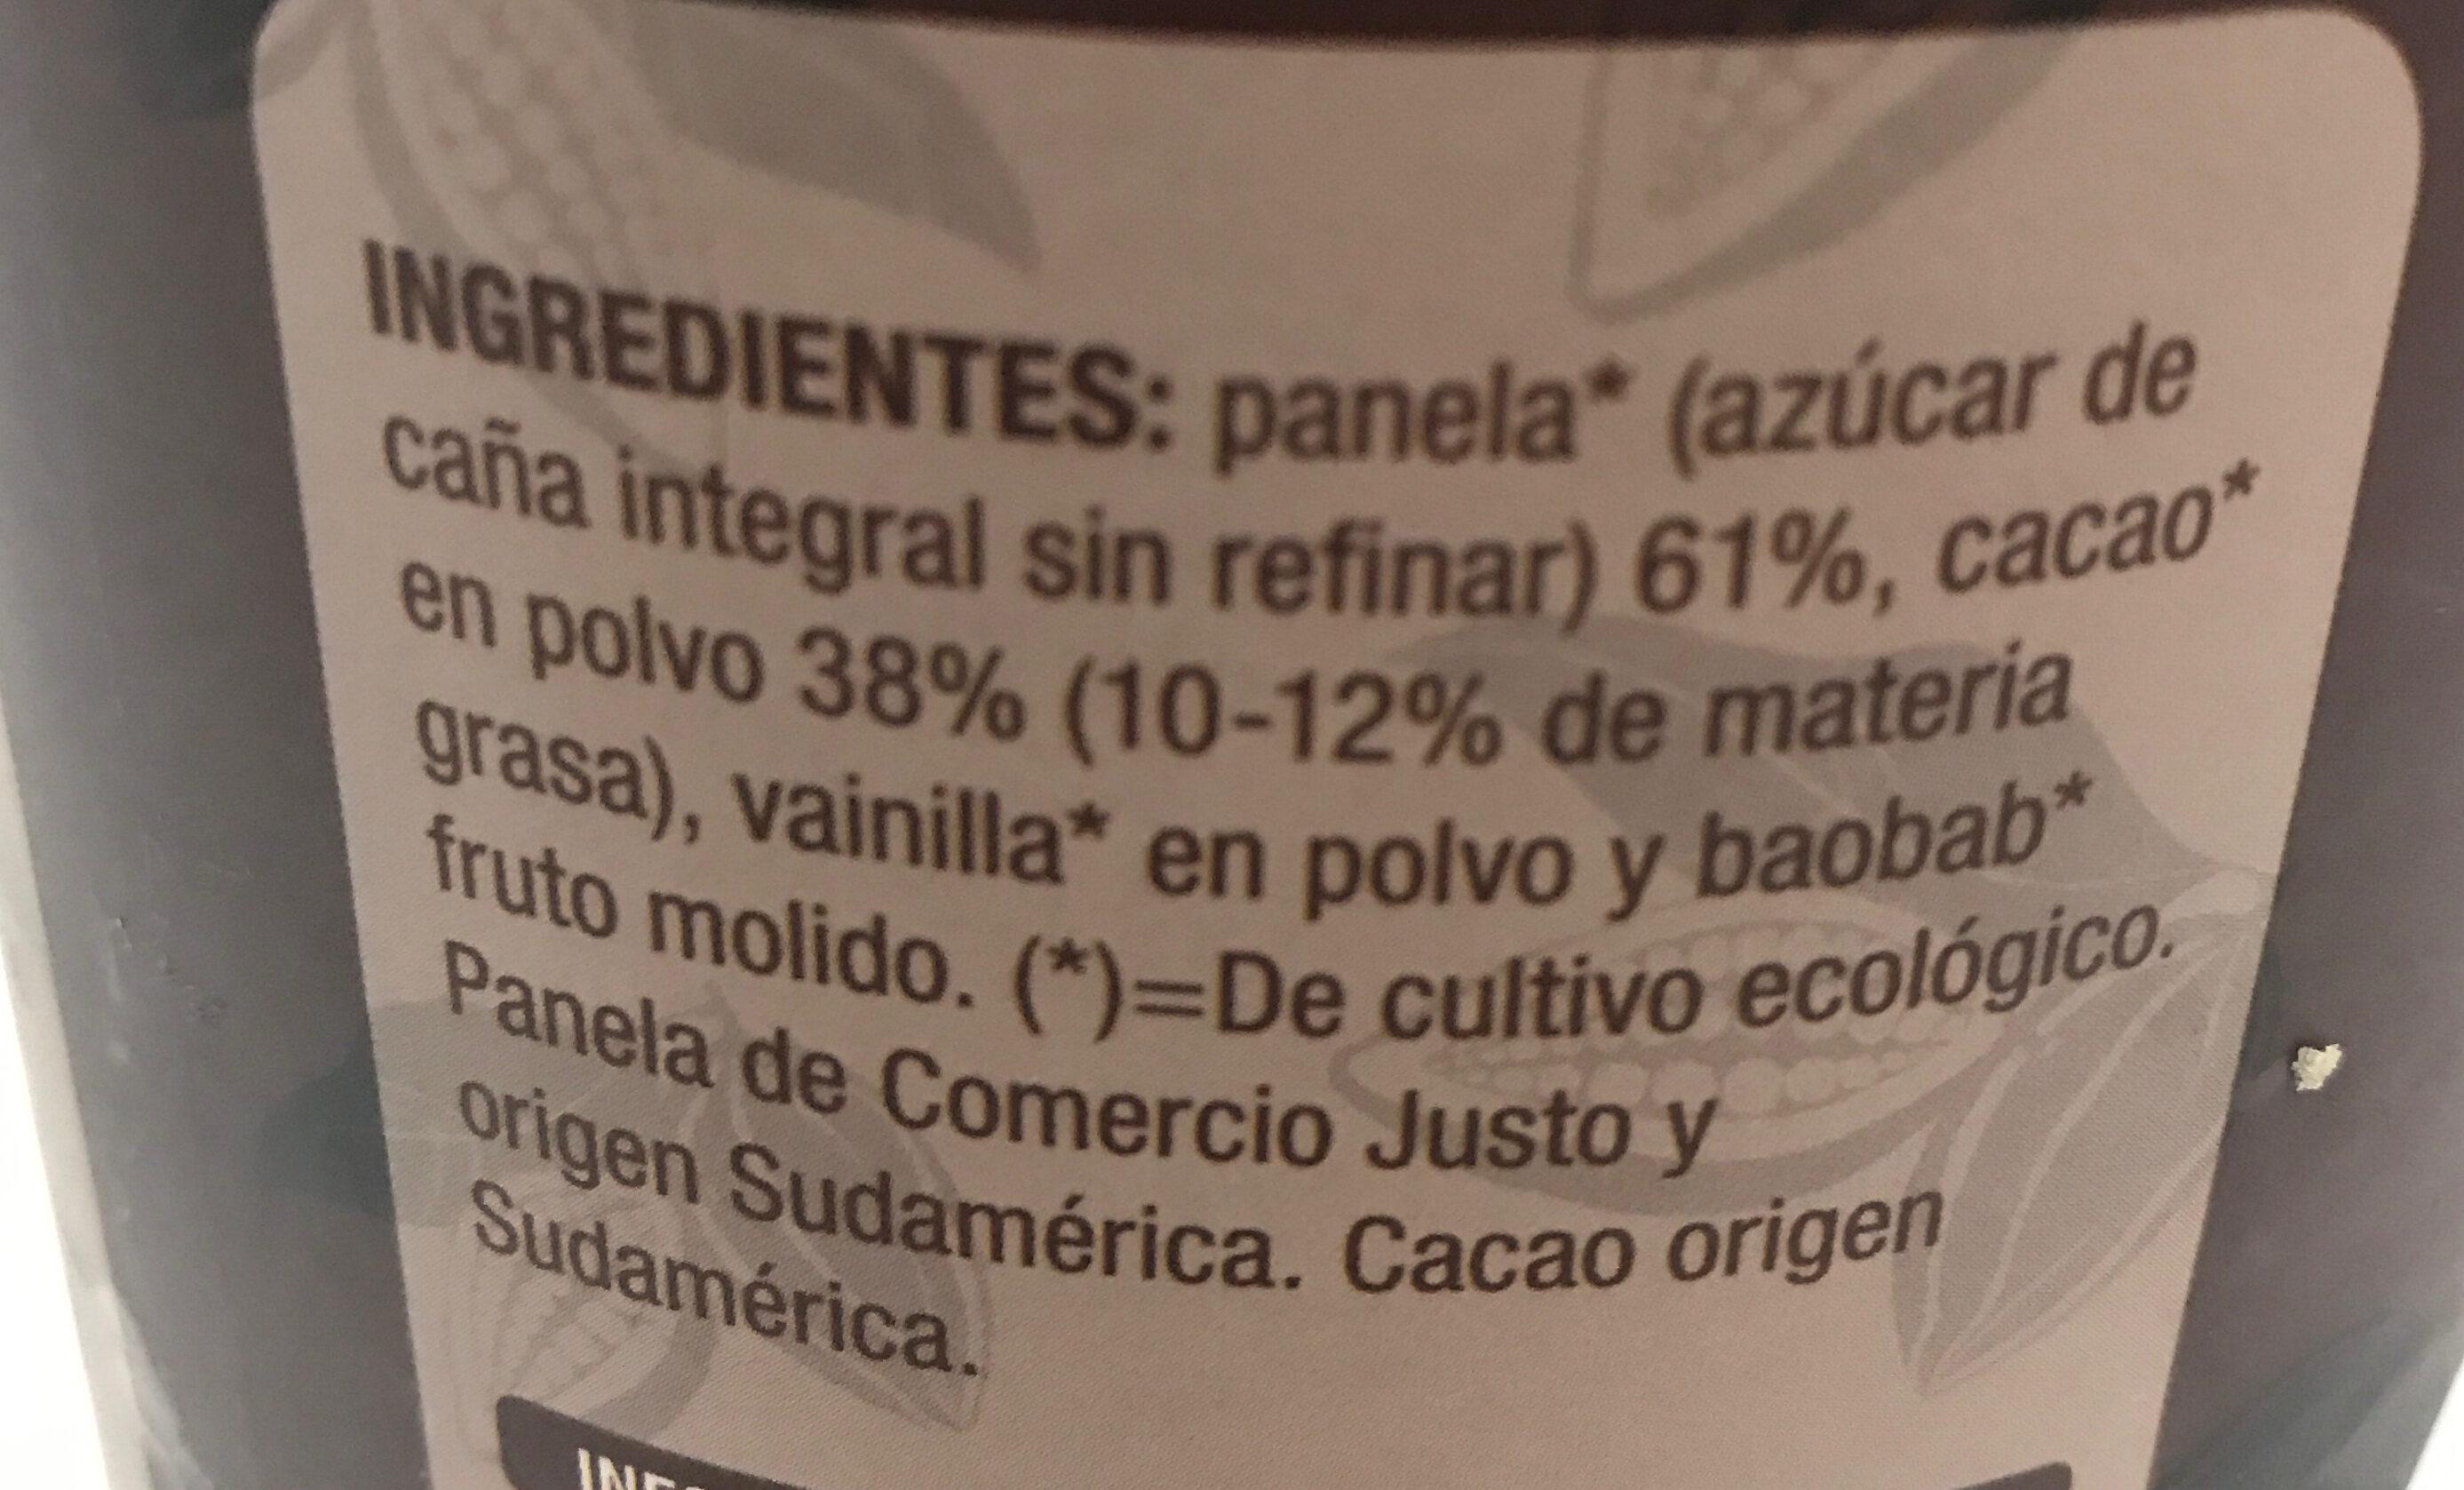 Cacao soluble con panela - Ingredients - es